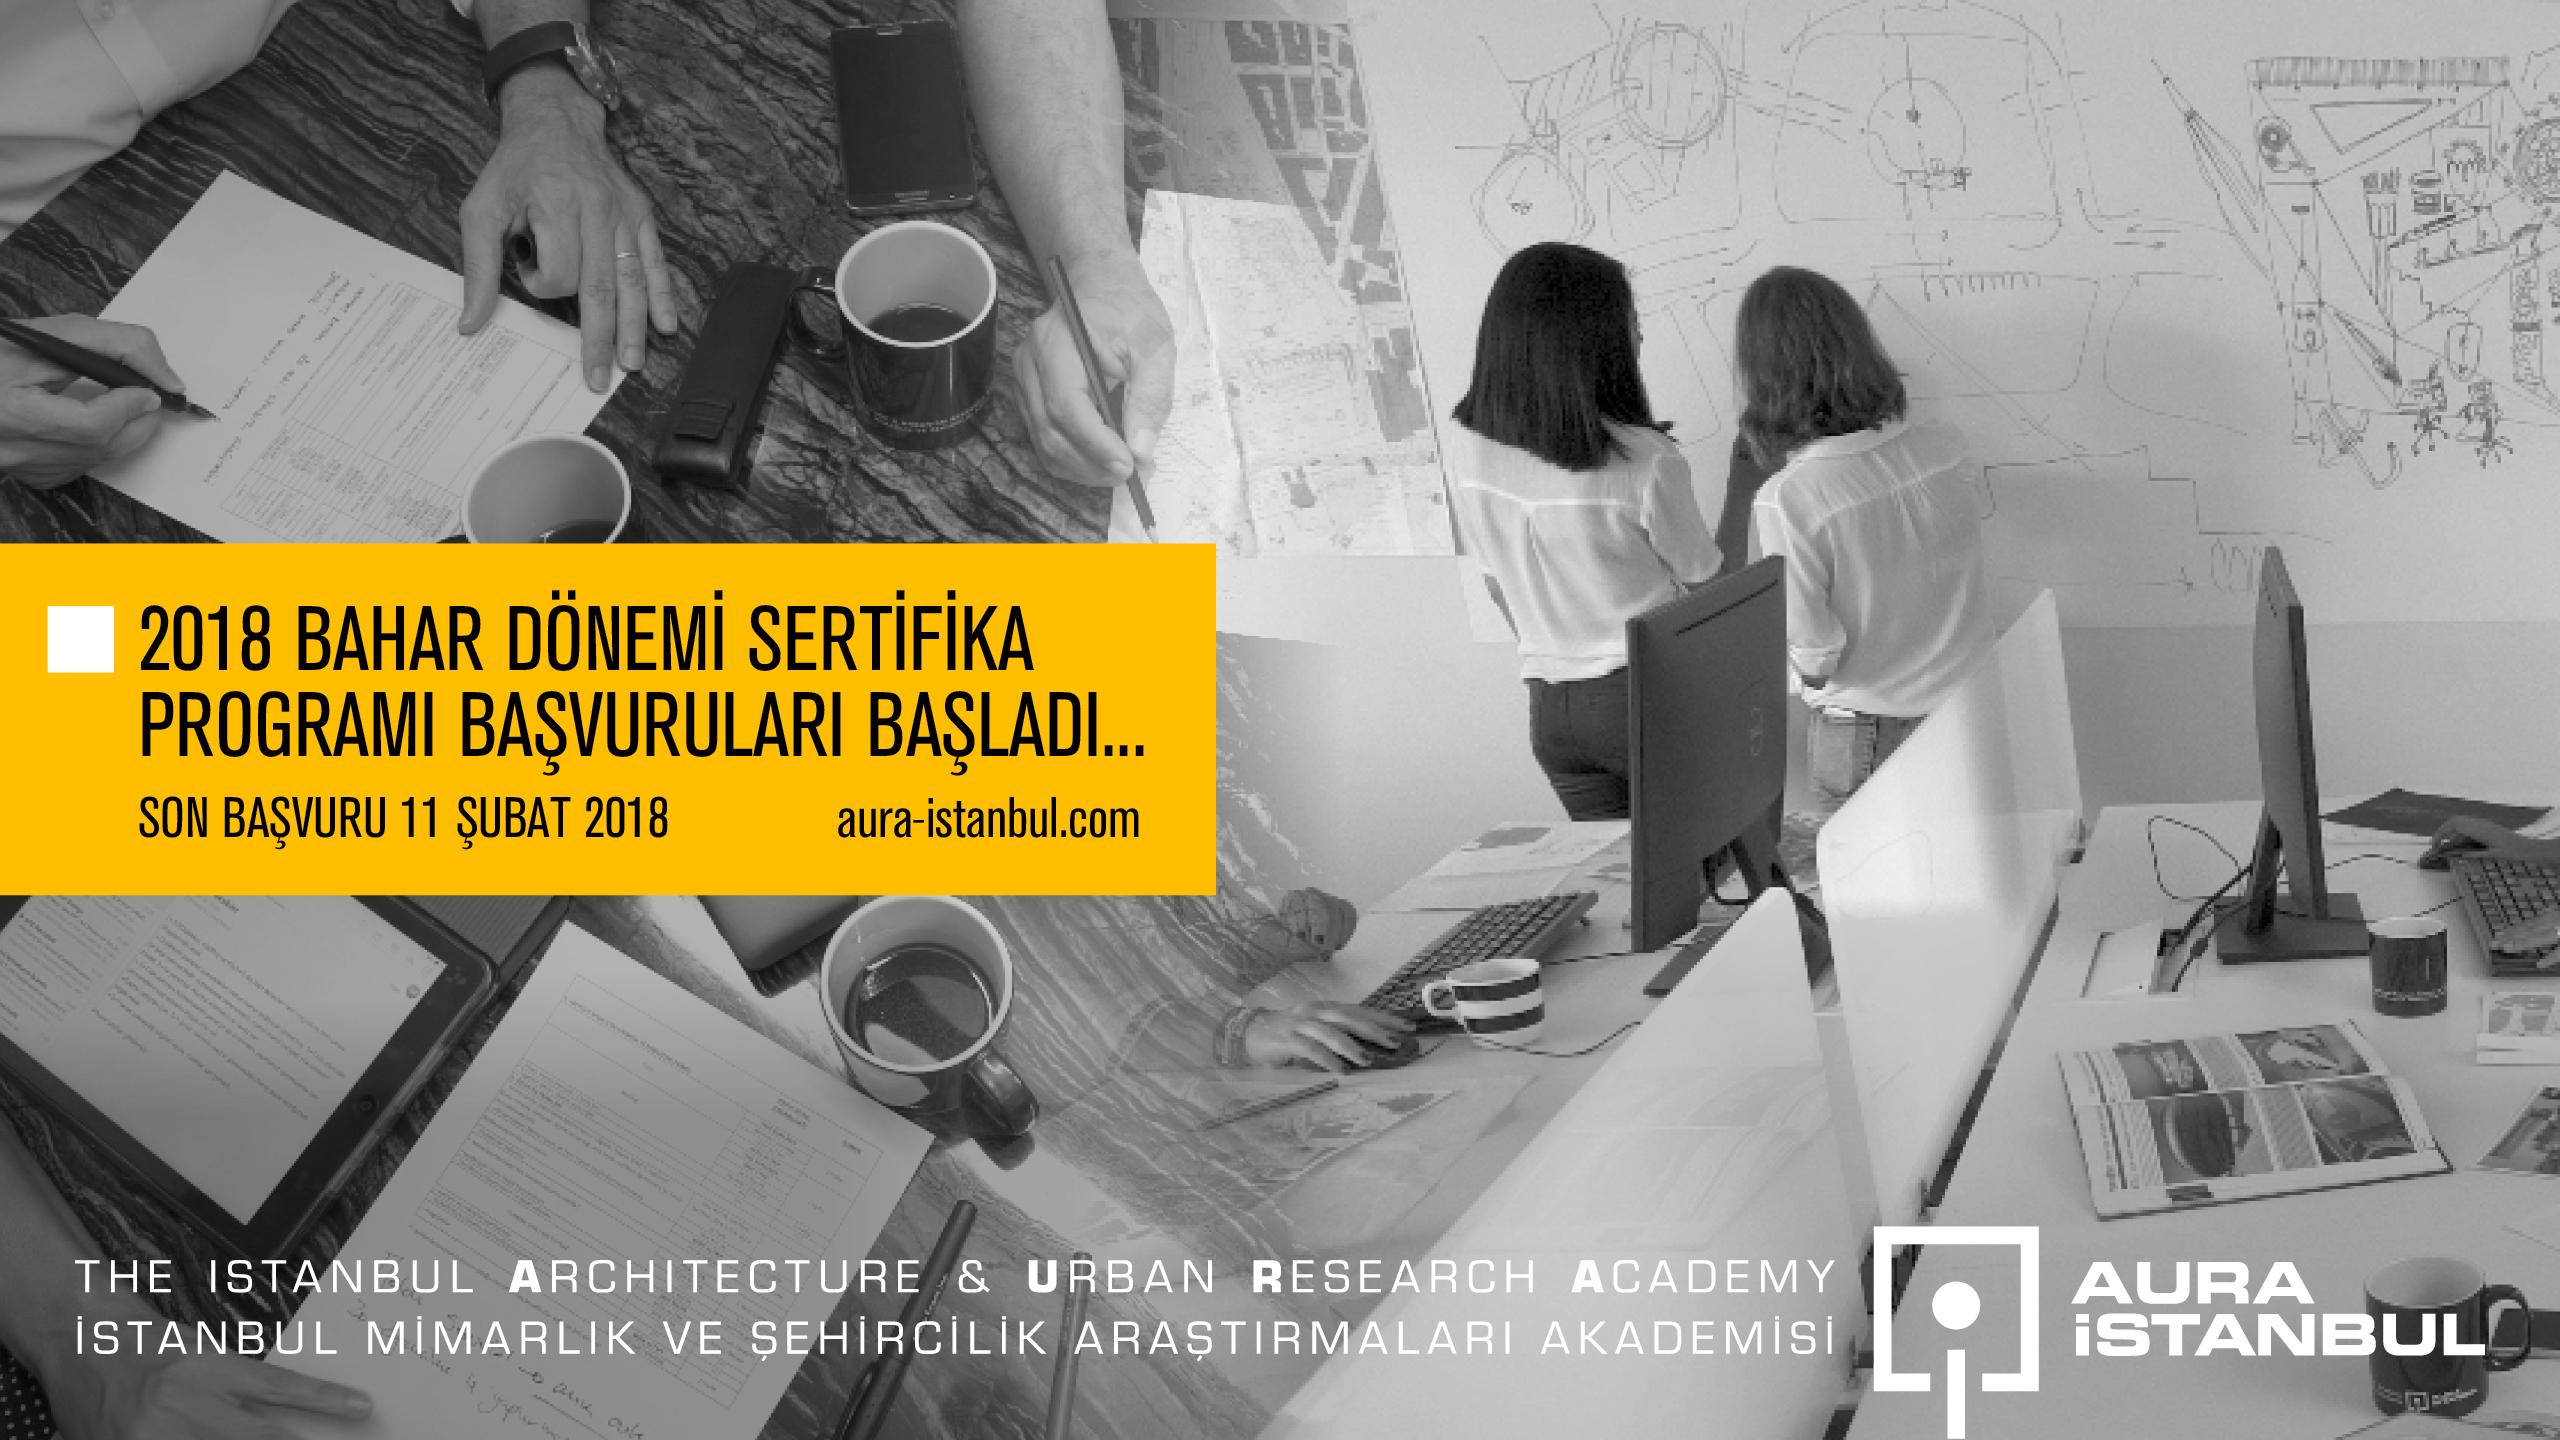 AURA-İstanbul 2018 Bahar Dönemi Sertifika Programı Katılımcılarını Bekliyor!